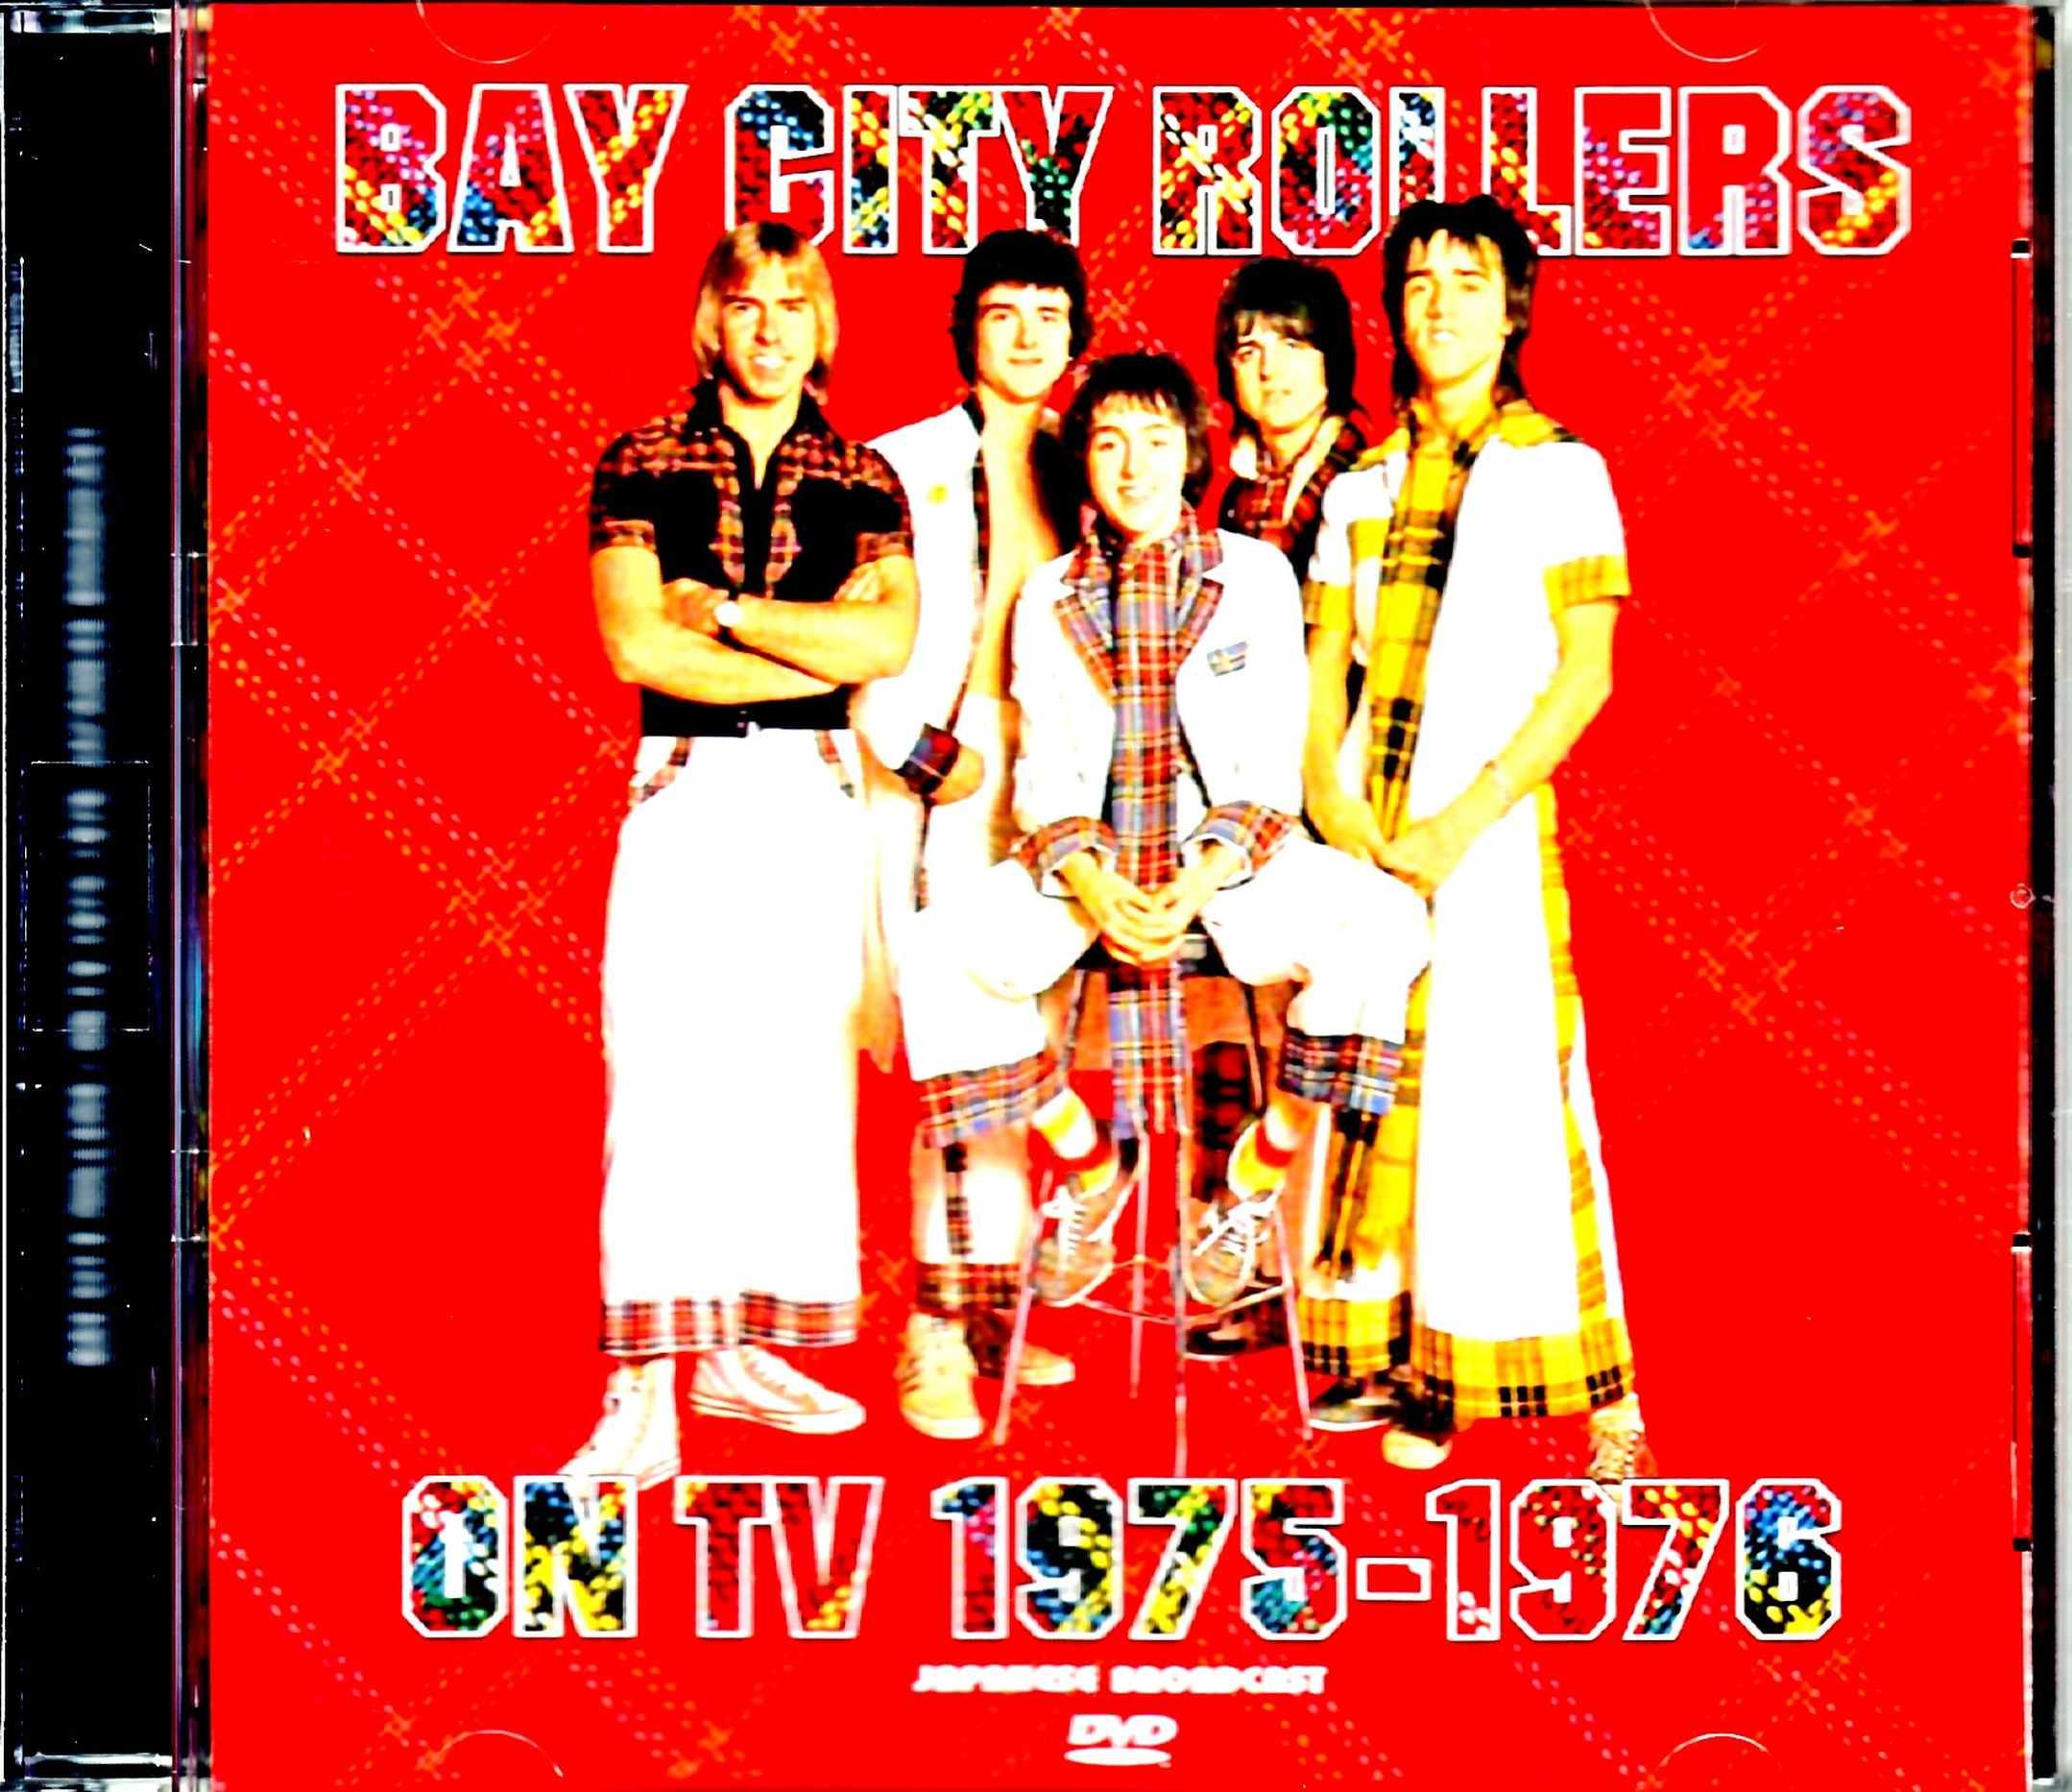 Bay City Rollers ベイ・シティ・ローラーズ/On TV 1975-1976 Japanese Broadcast Edition